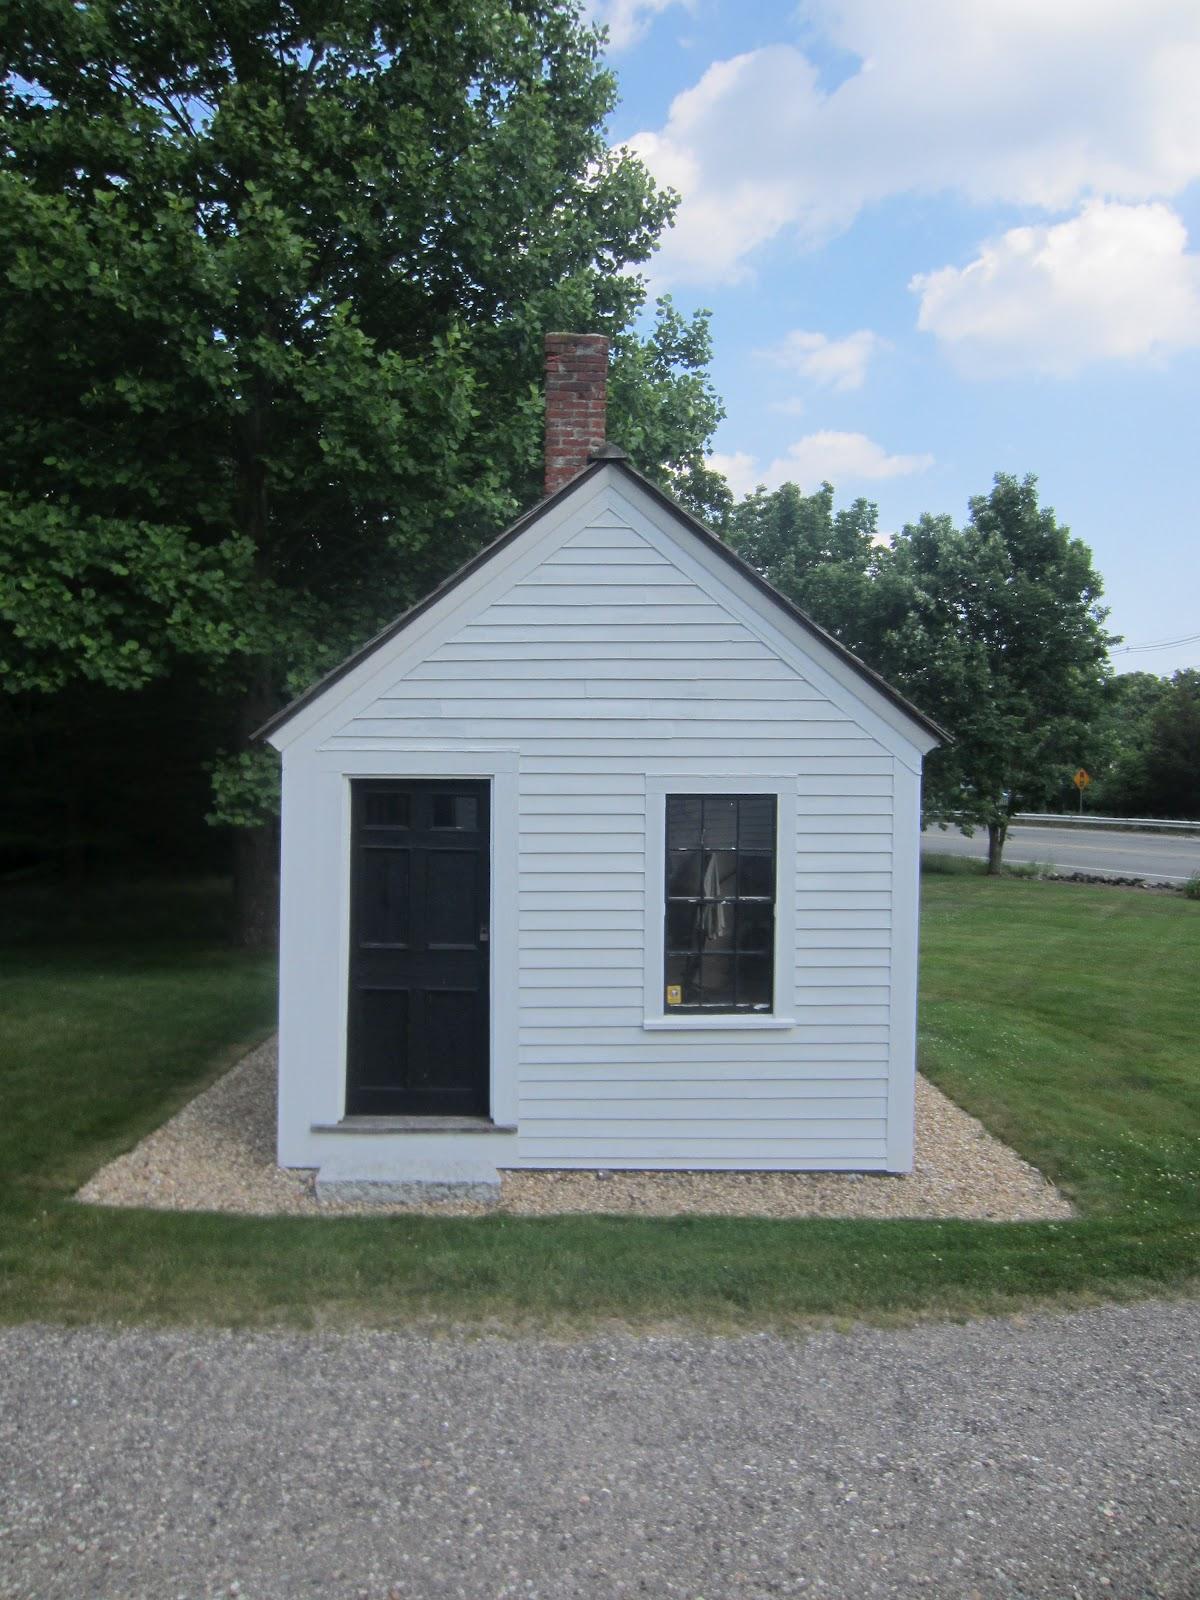 Relaxshackscom A Tiny White Historical Cobbler House in